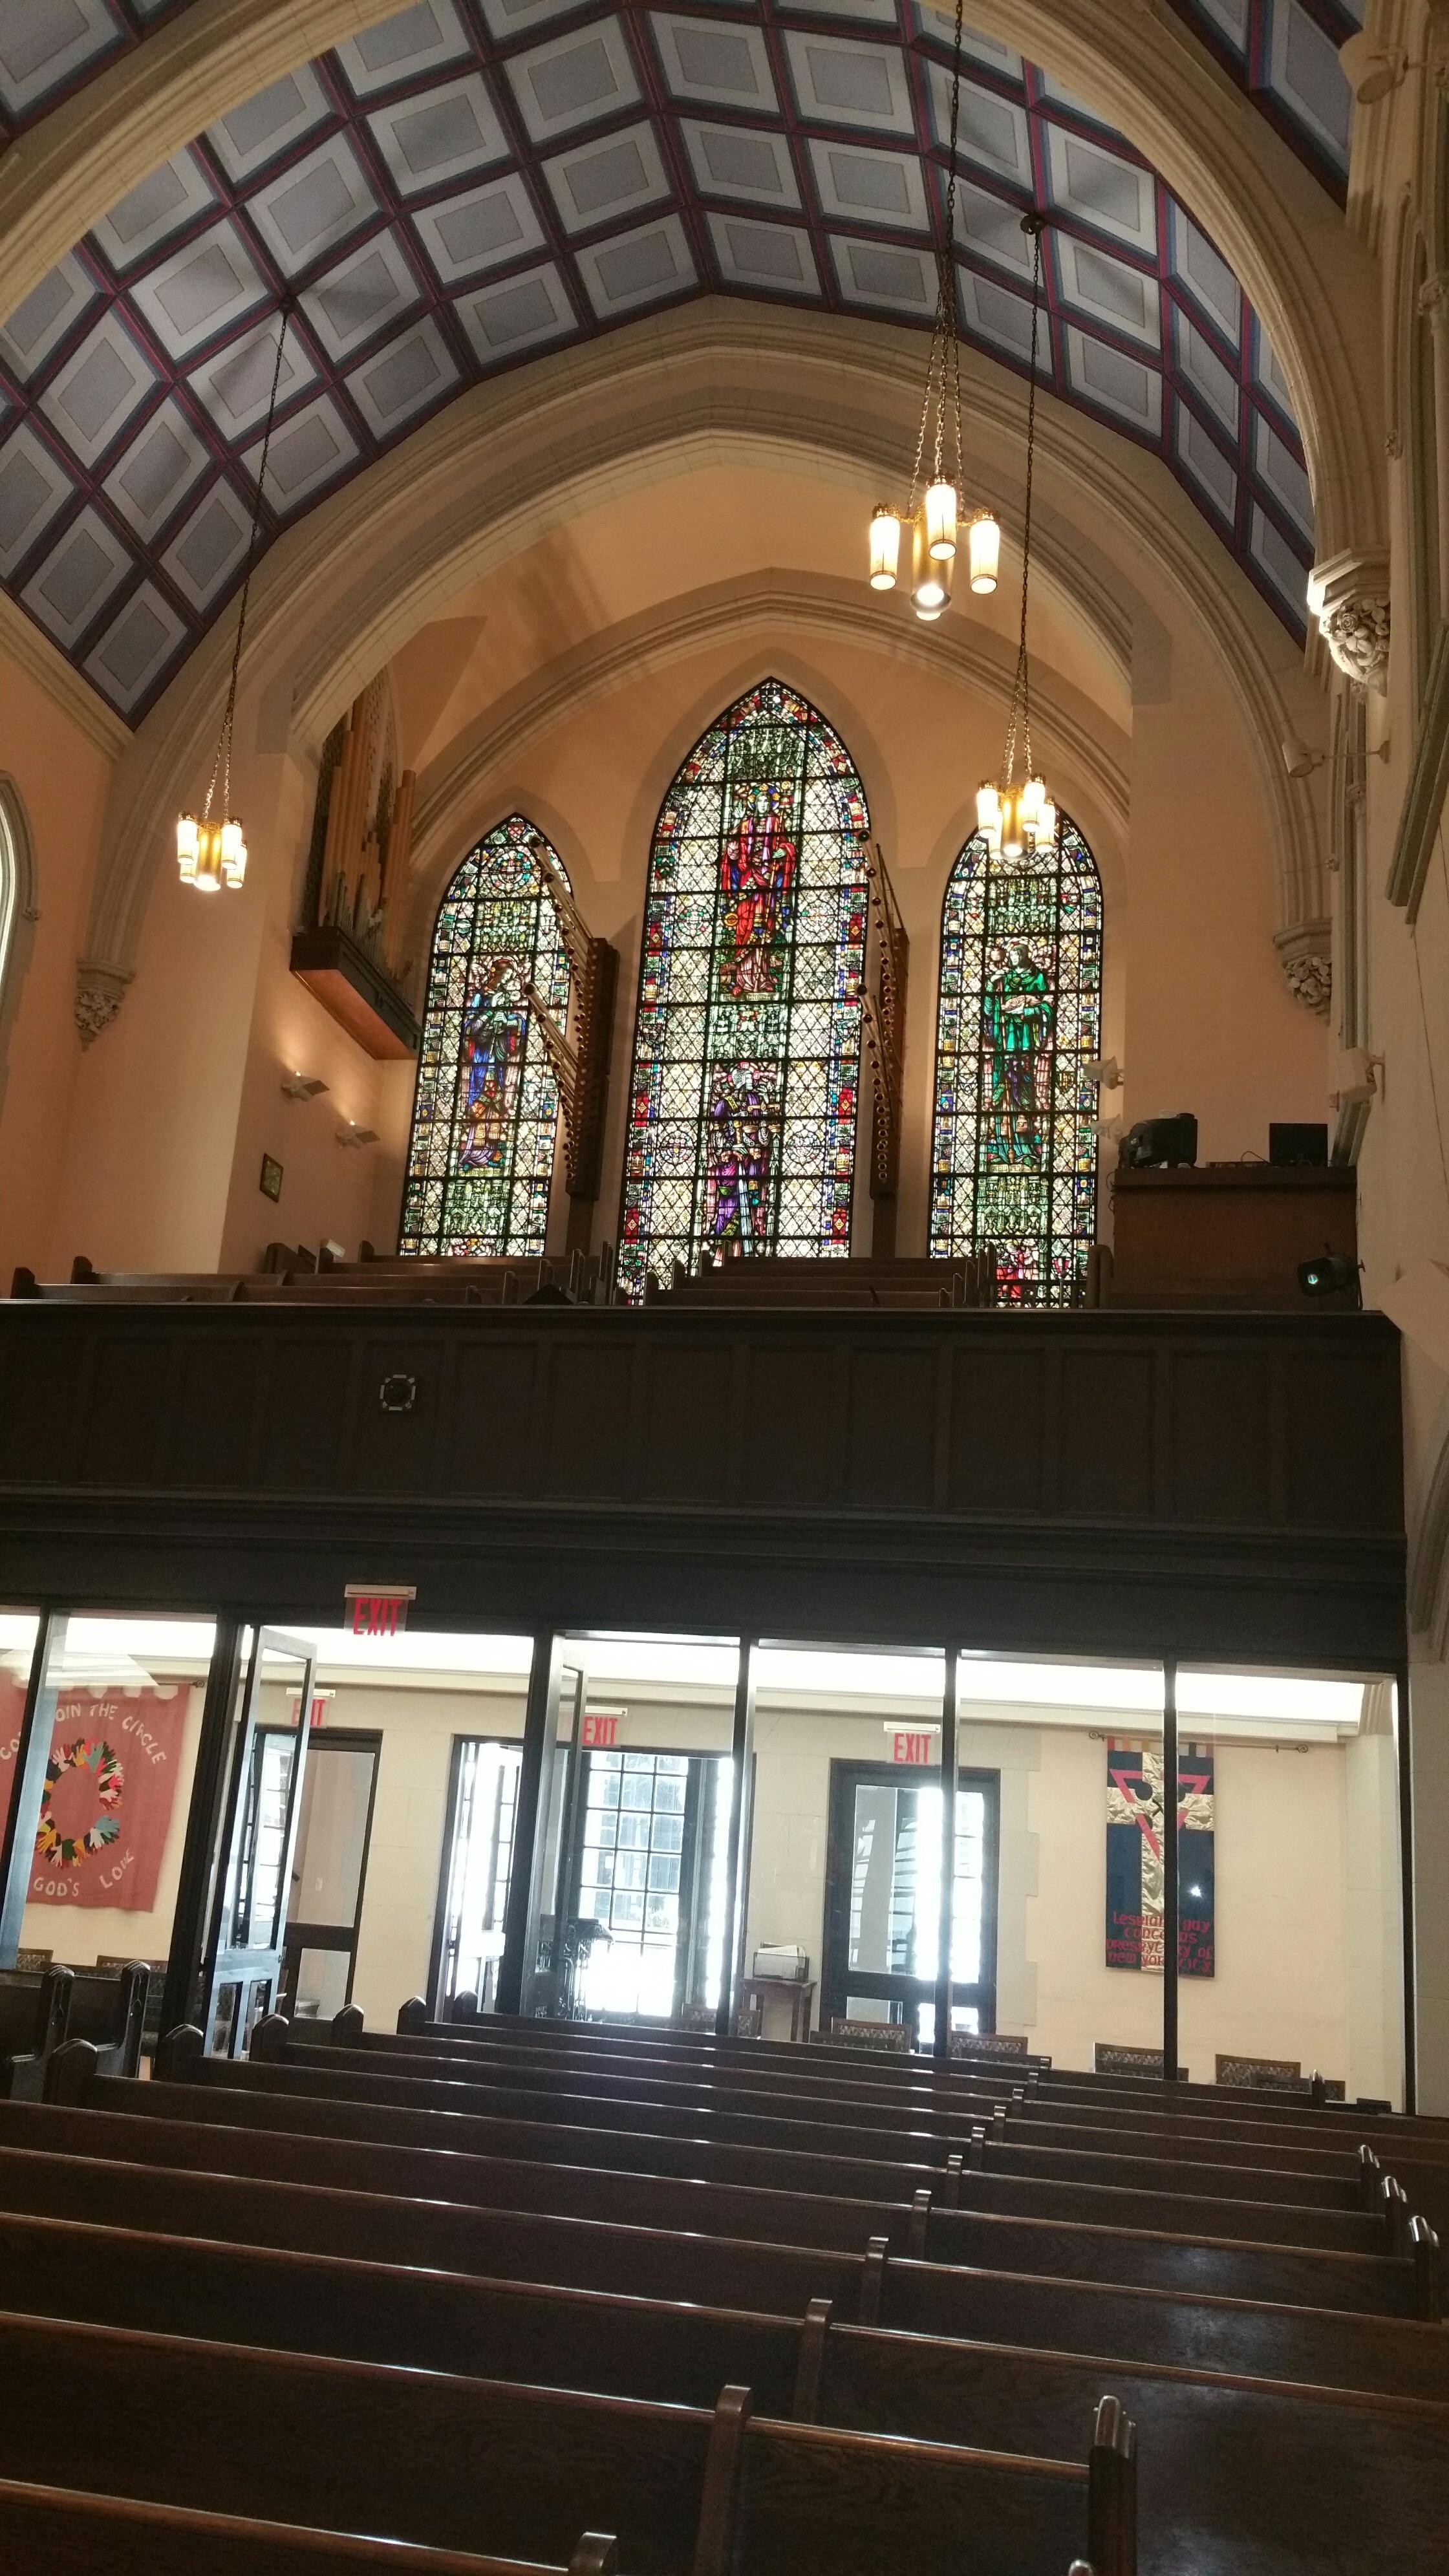 B_Window in Sanctuary_060916_.jpg